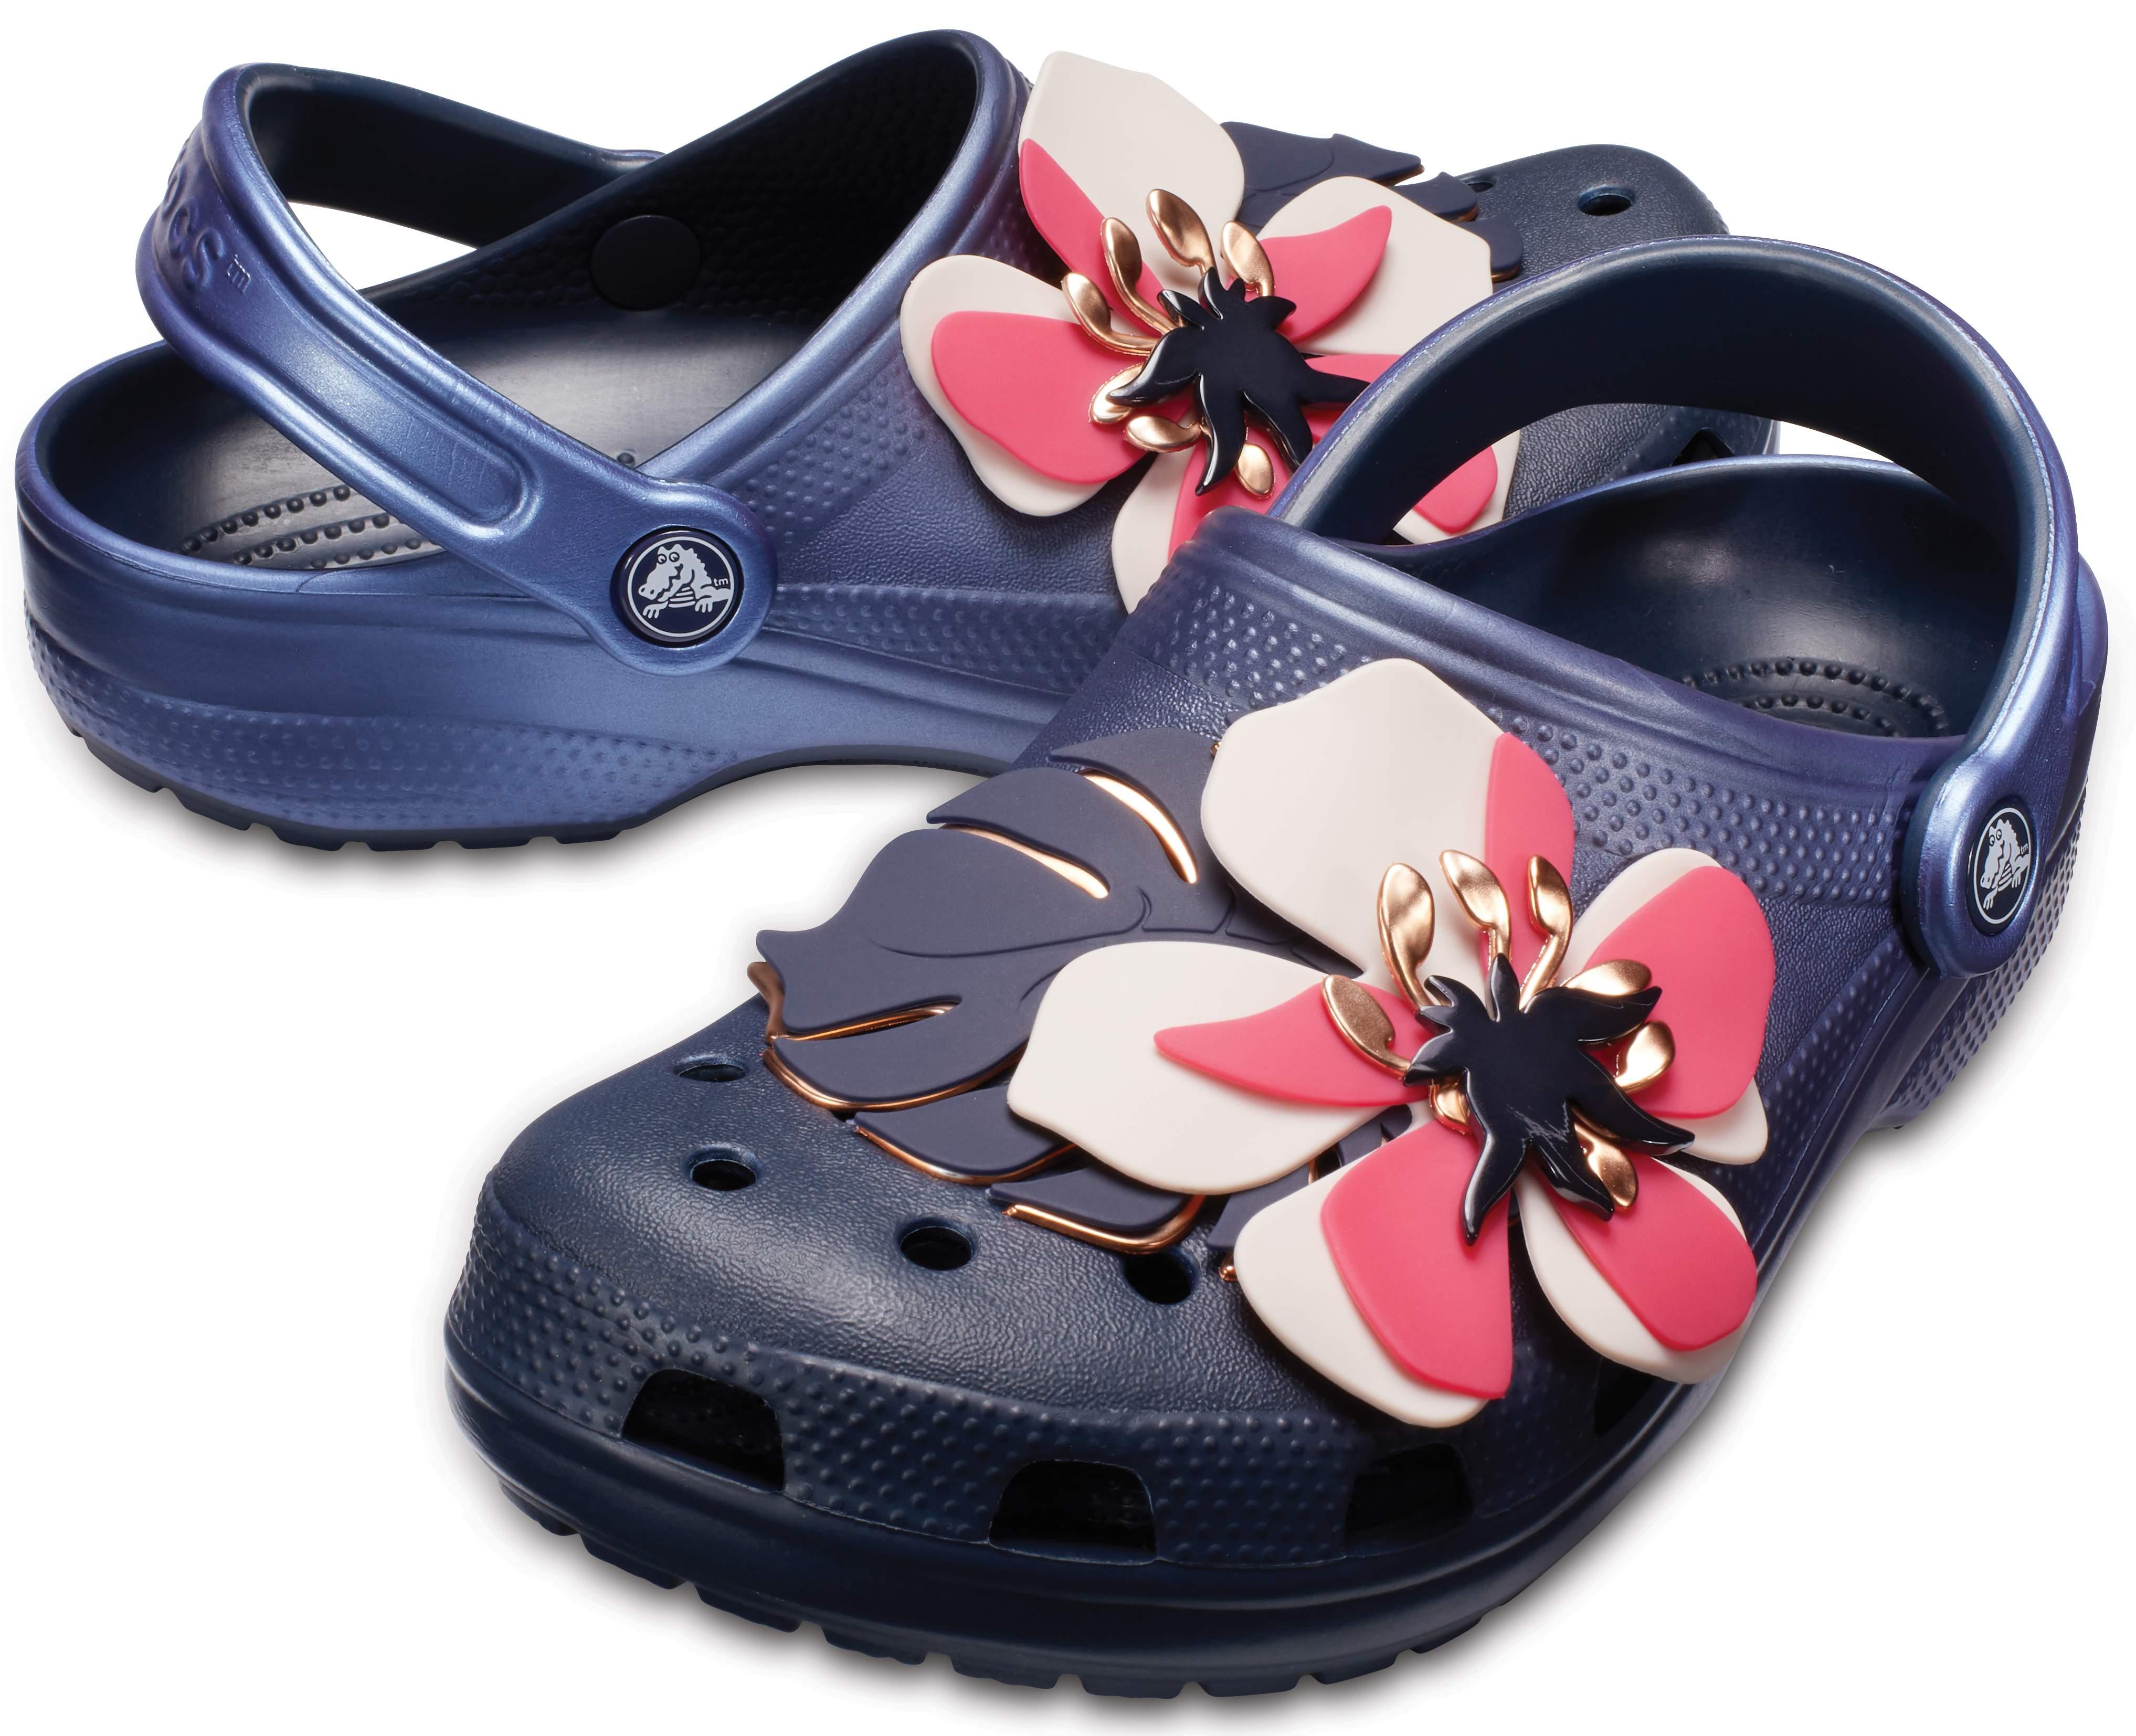 【クロックス公式】 クラシック ボタニカル フローラル クロッグ Classic Botanical Floral Clog ユニセックス、メンズ、レディース、男女兼用 ブルー/青 22cm,23cm clog クロッグ サンダル 30%OFF